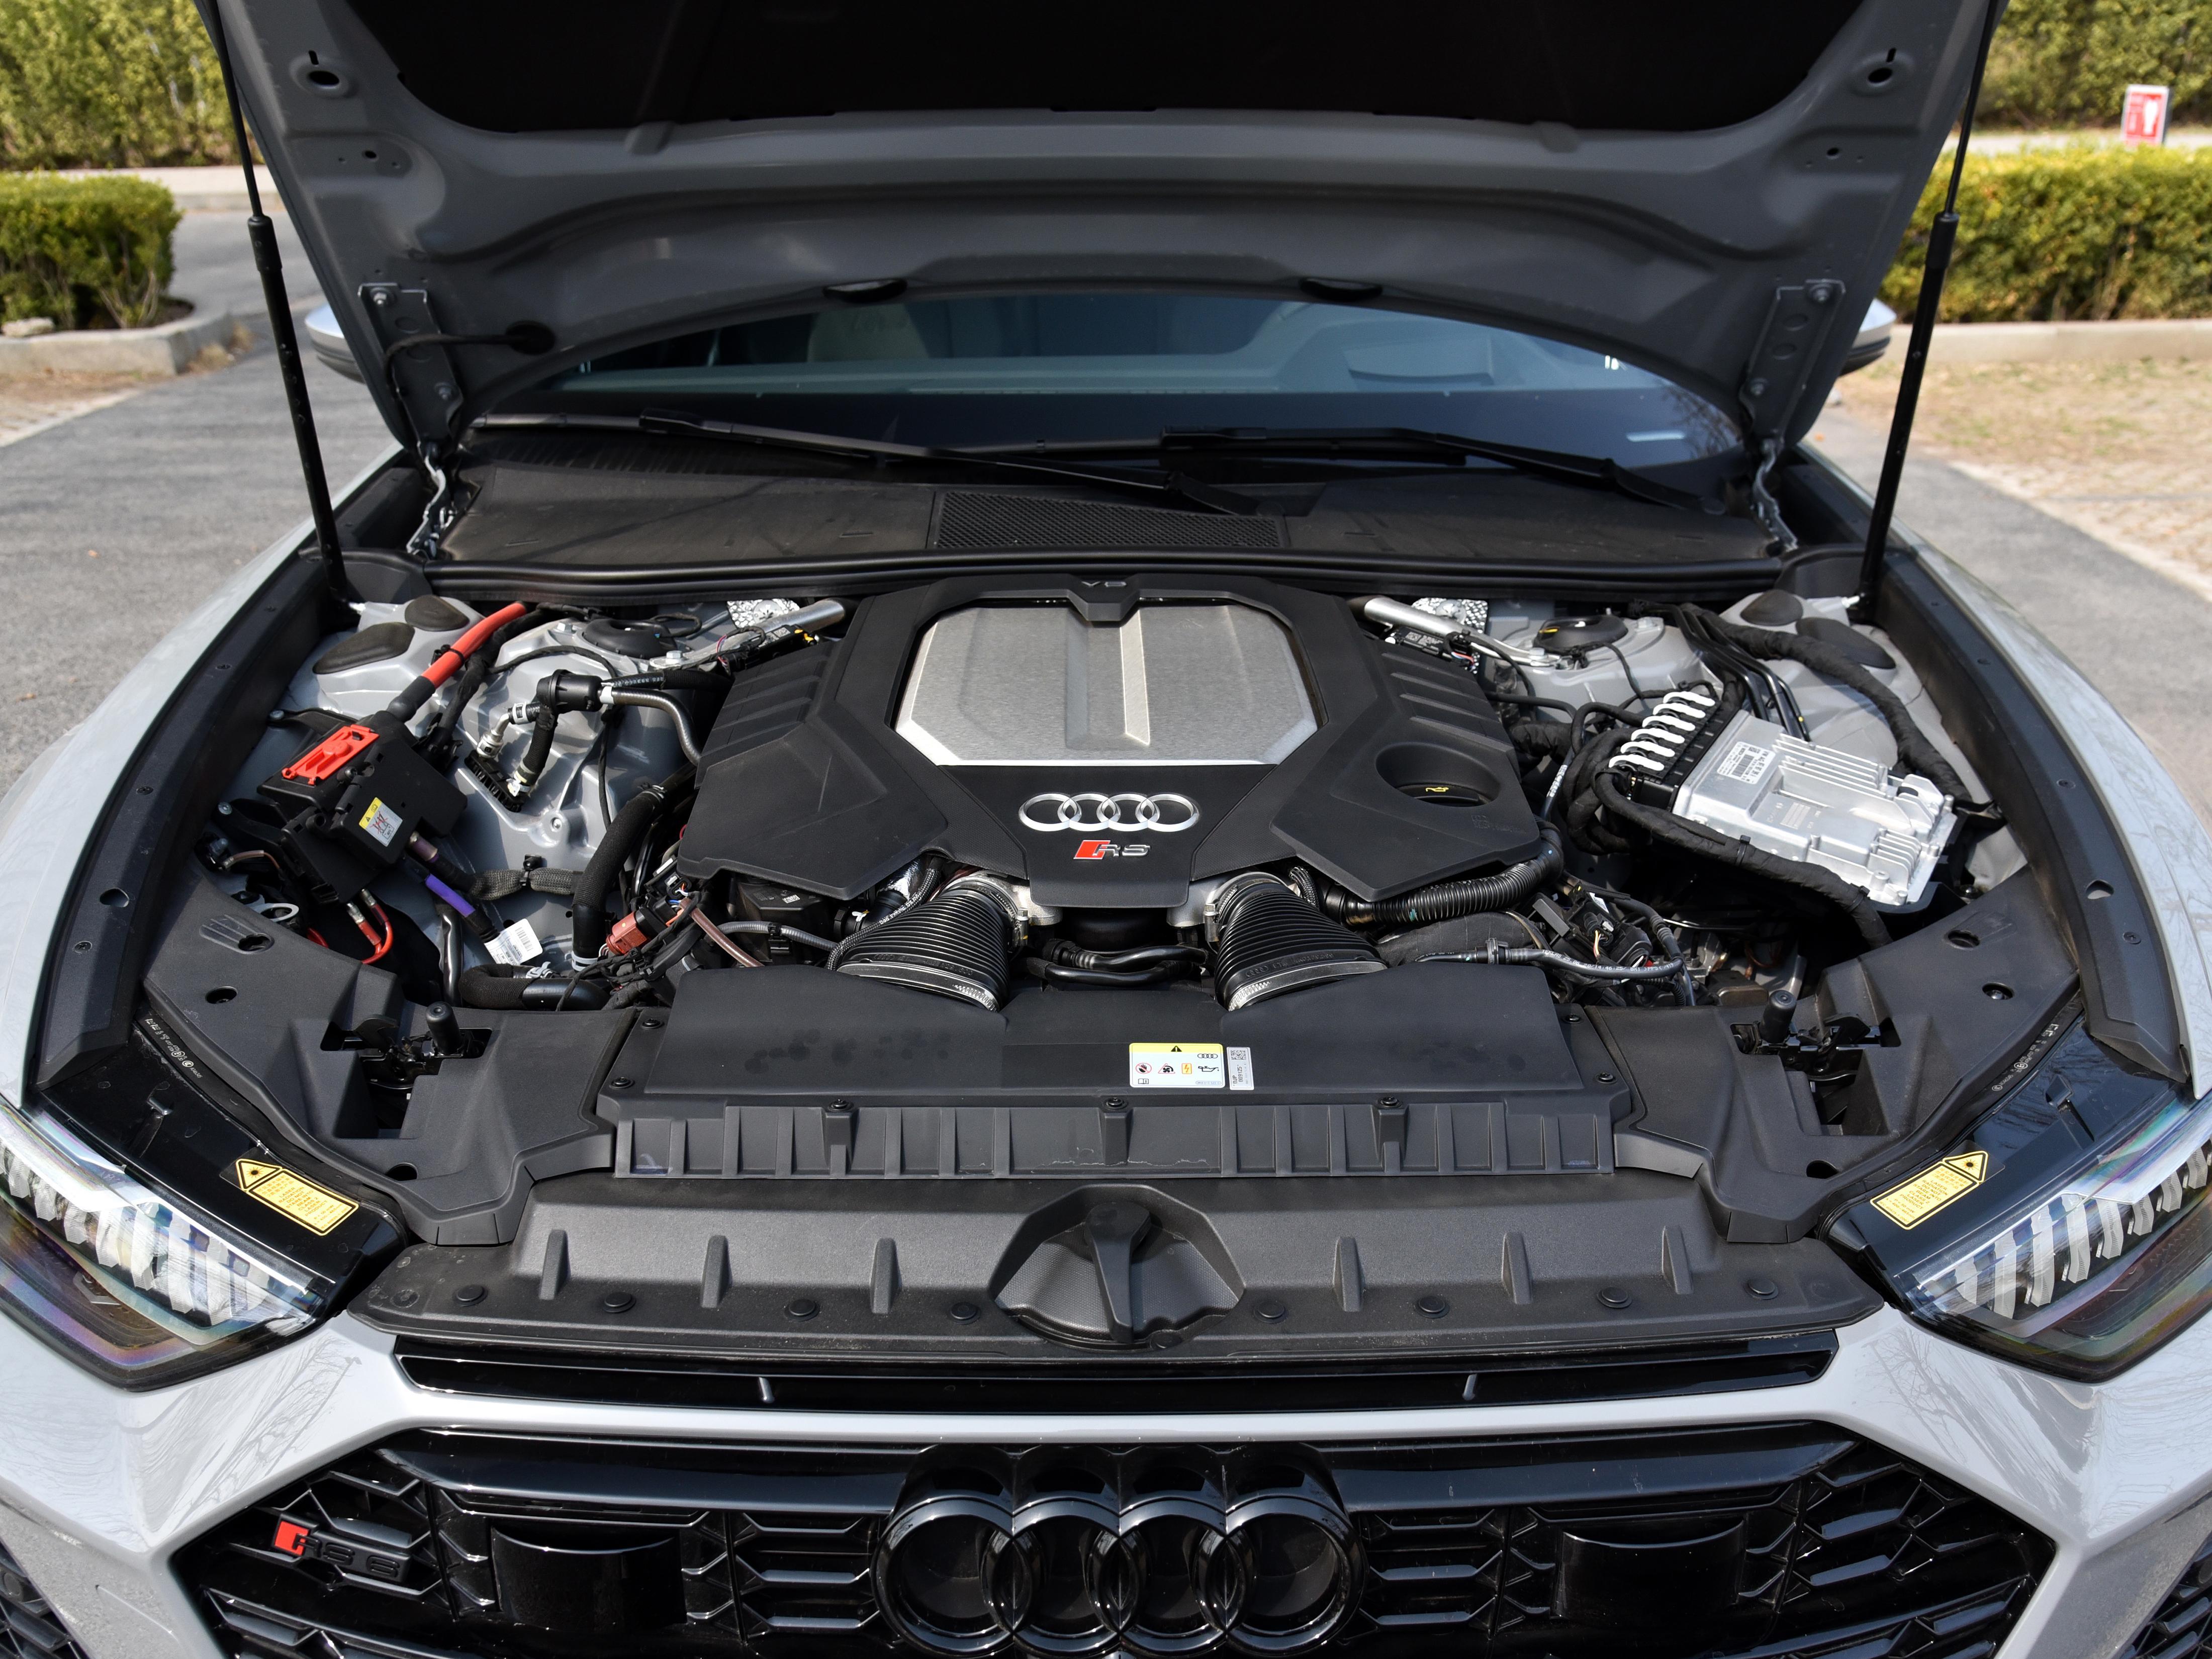 大V8的進口奧迪高端車,性能強悍後備箱還特別大,實拍奧迪RS 6-圖7